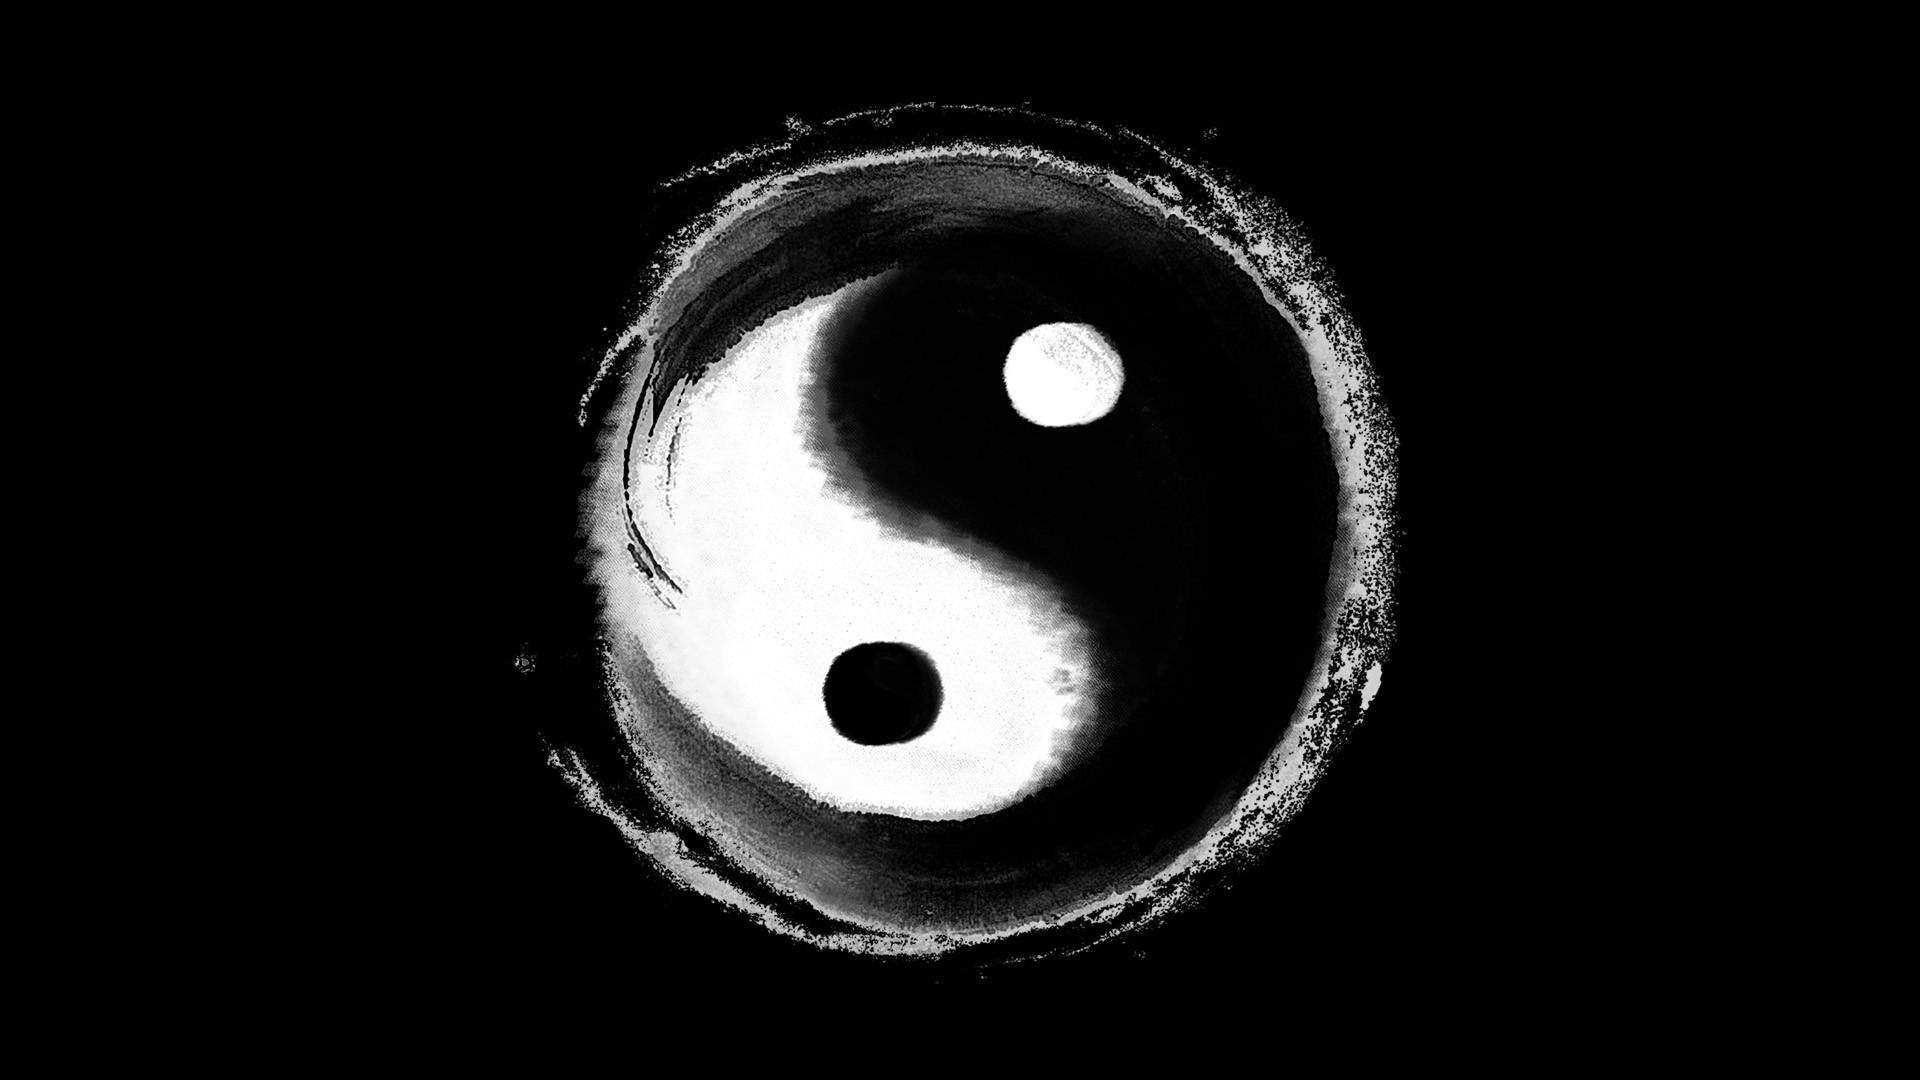 Yin Yang Wallpapers - WallpaperSafari